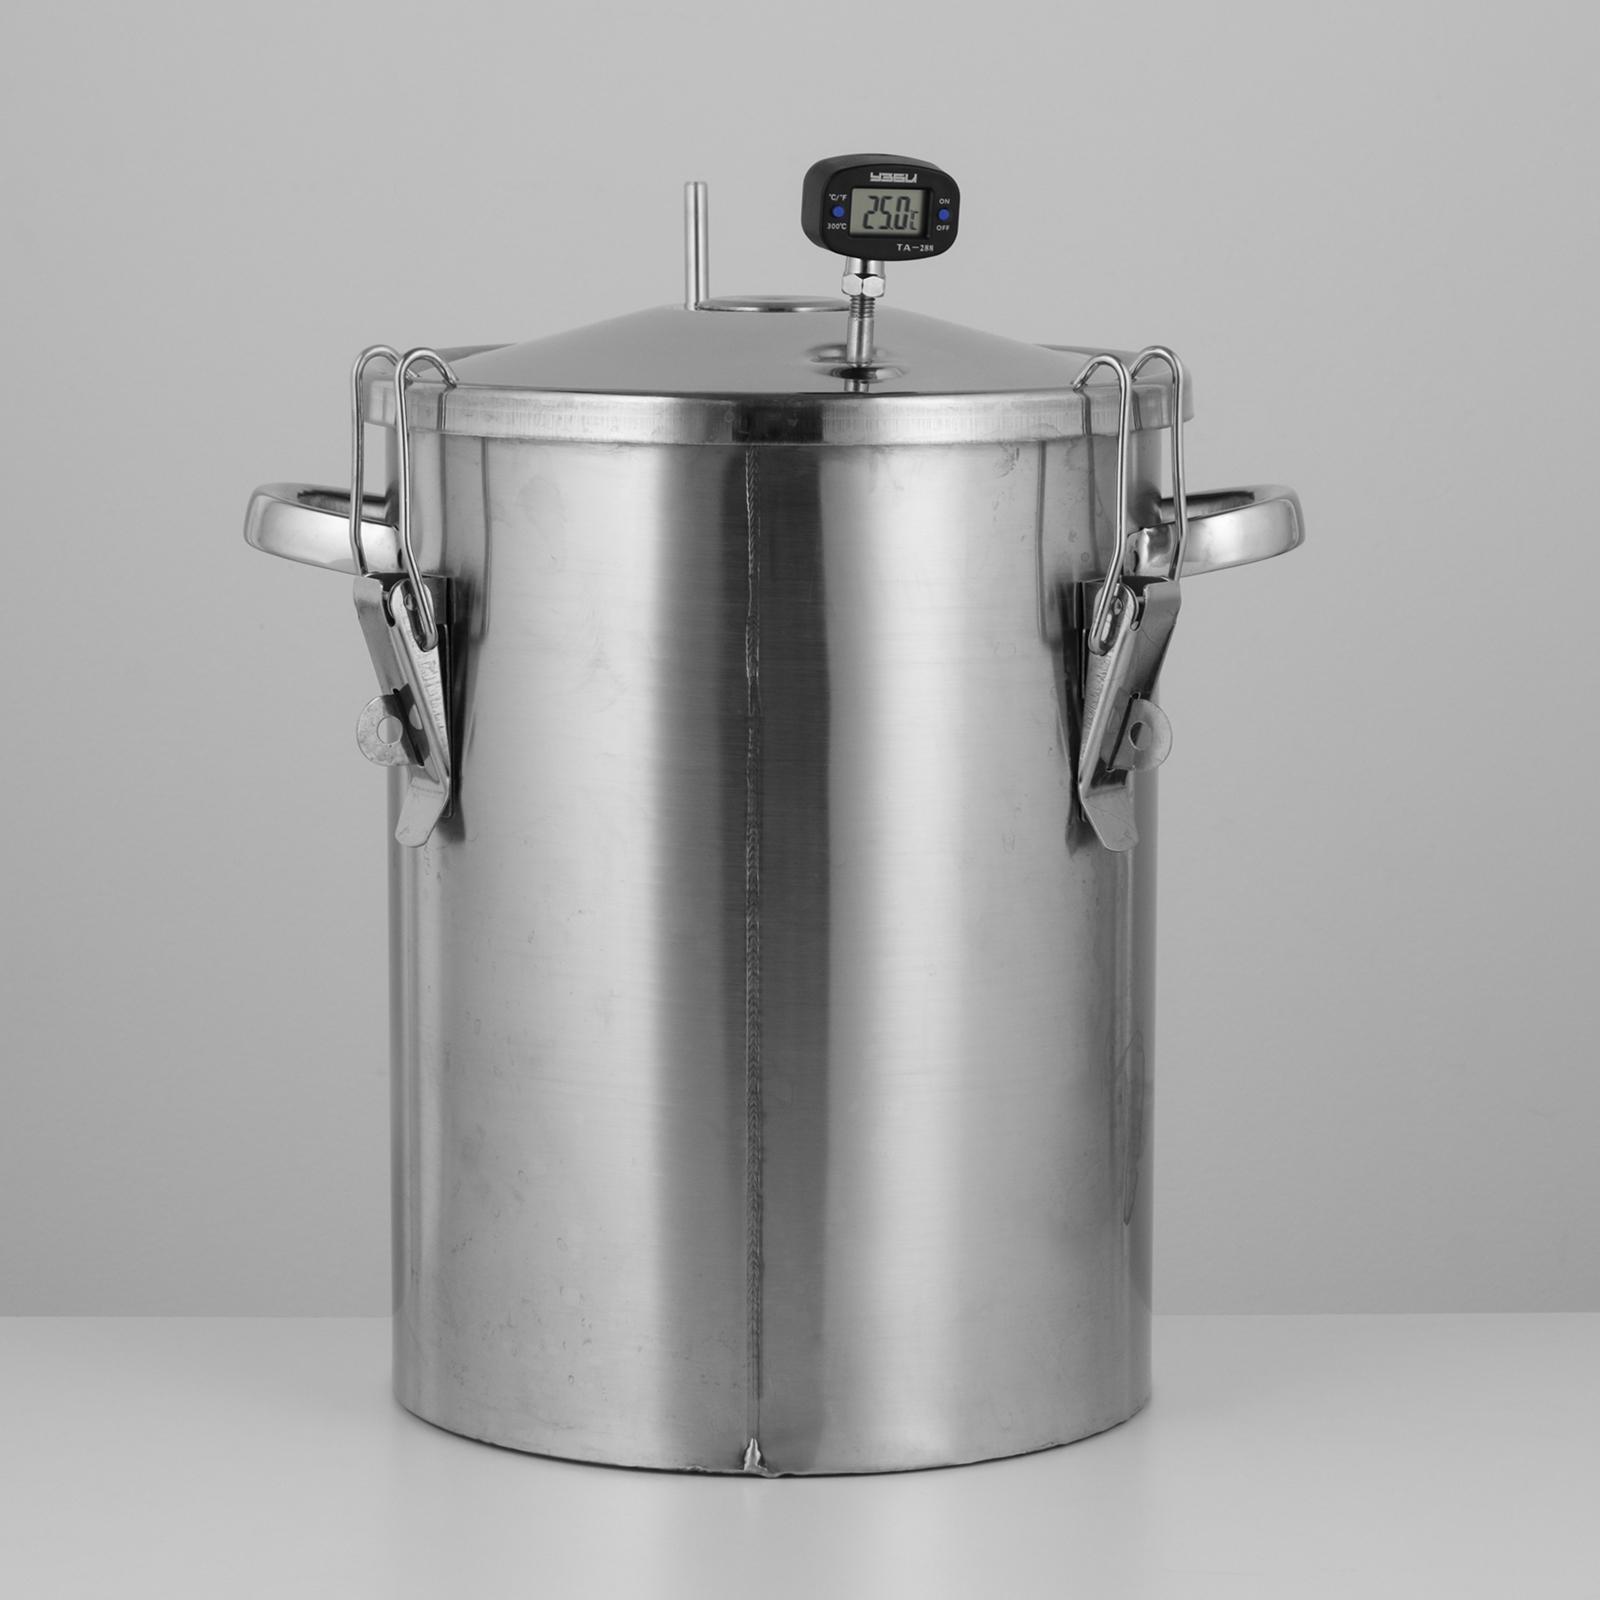 Купить коптильню горячего копчения в уфе виноградная самогонный аппарат